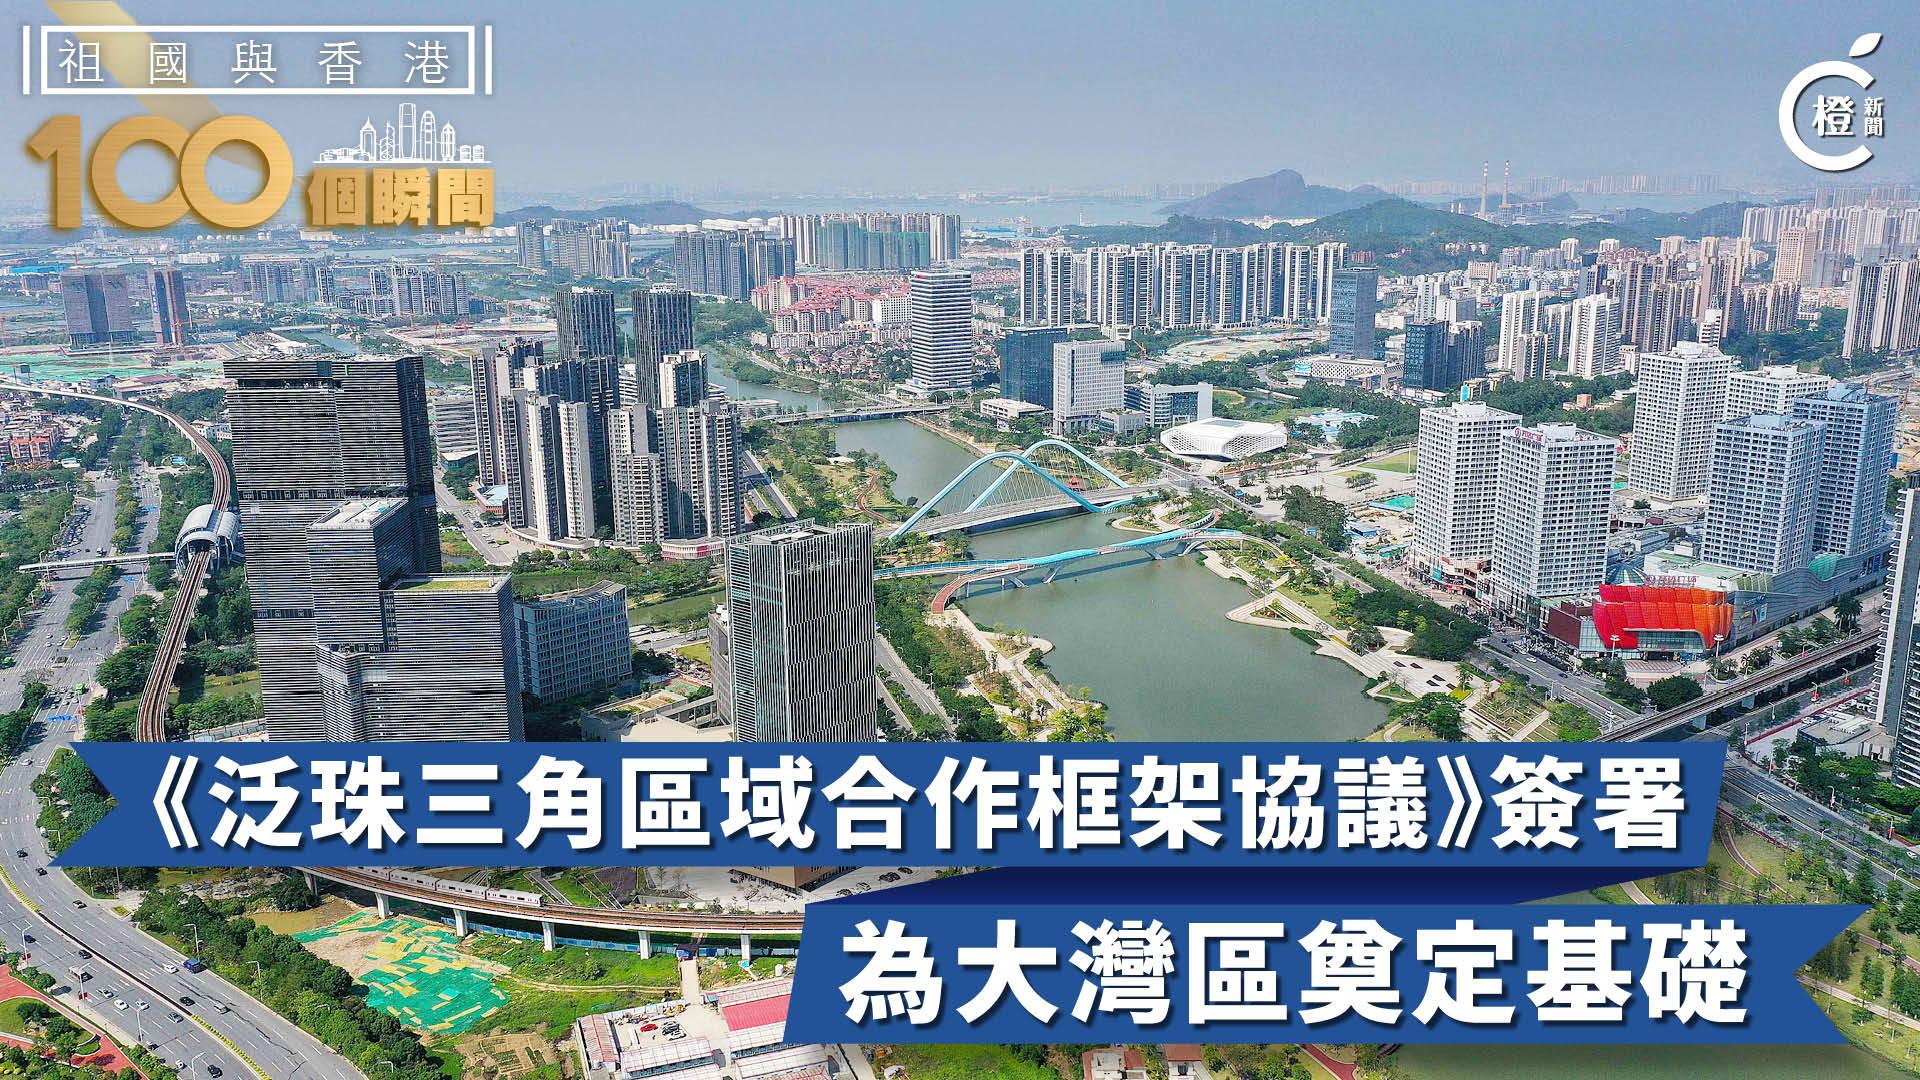 【祖國與香港100個瞬間】《泛珠三角區域合作框架協議》簽署 為大灣區奠定基礎